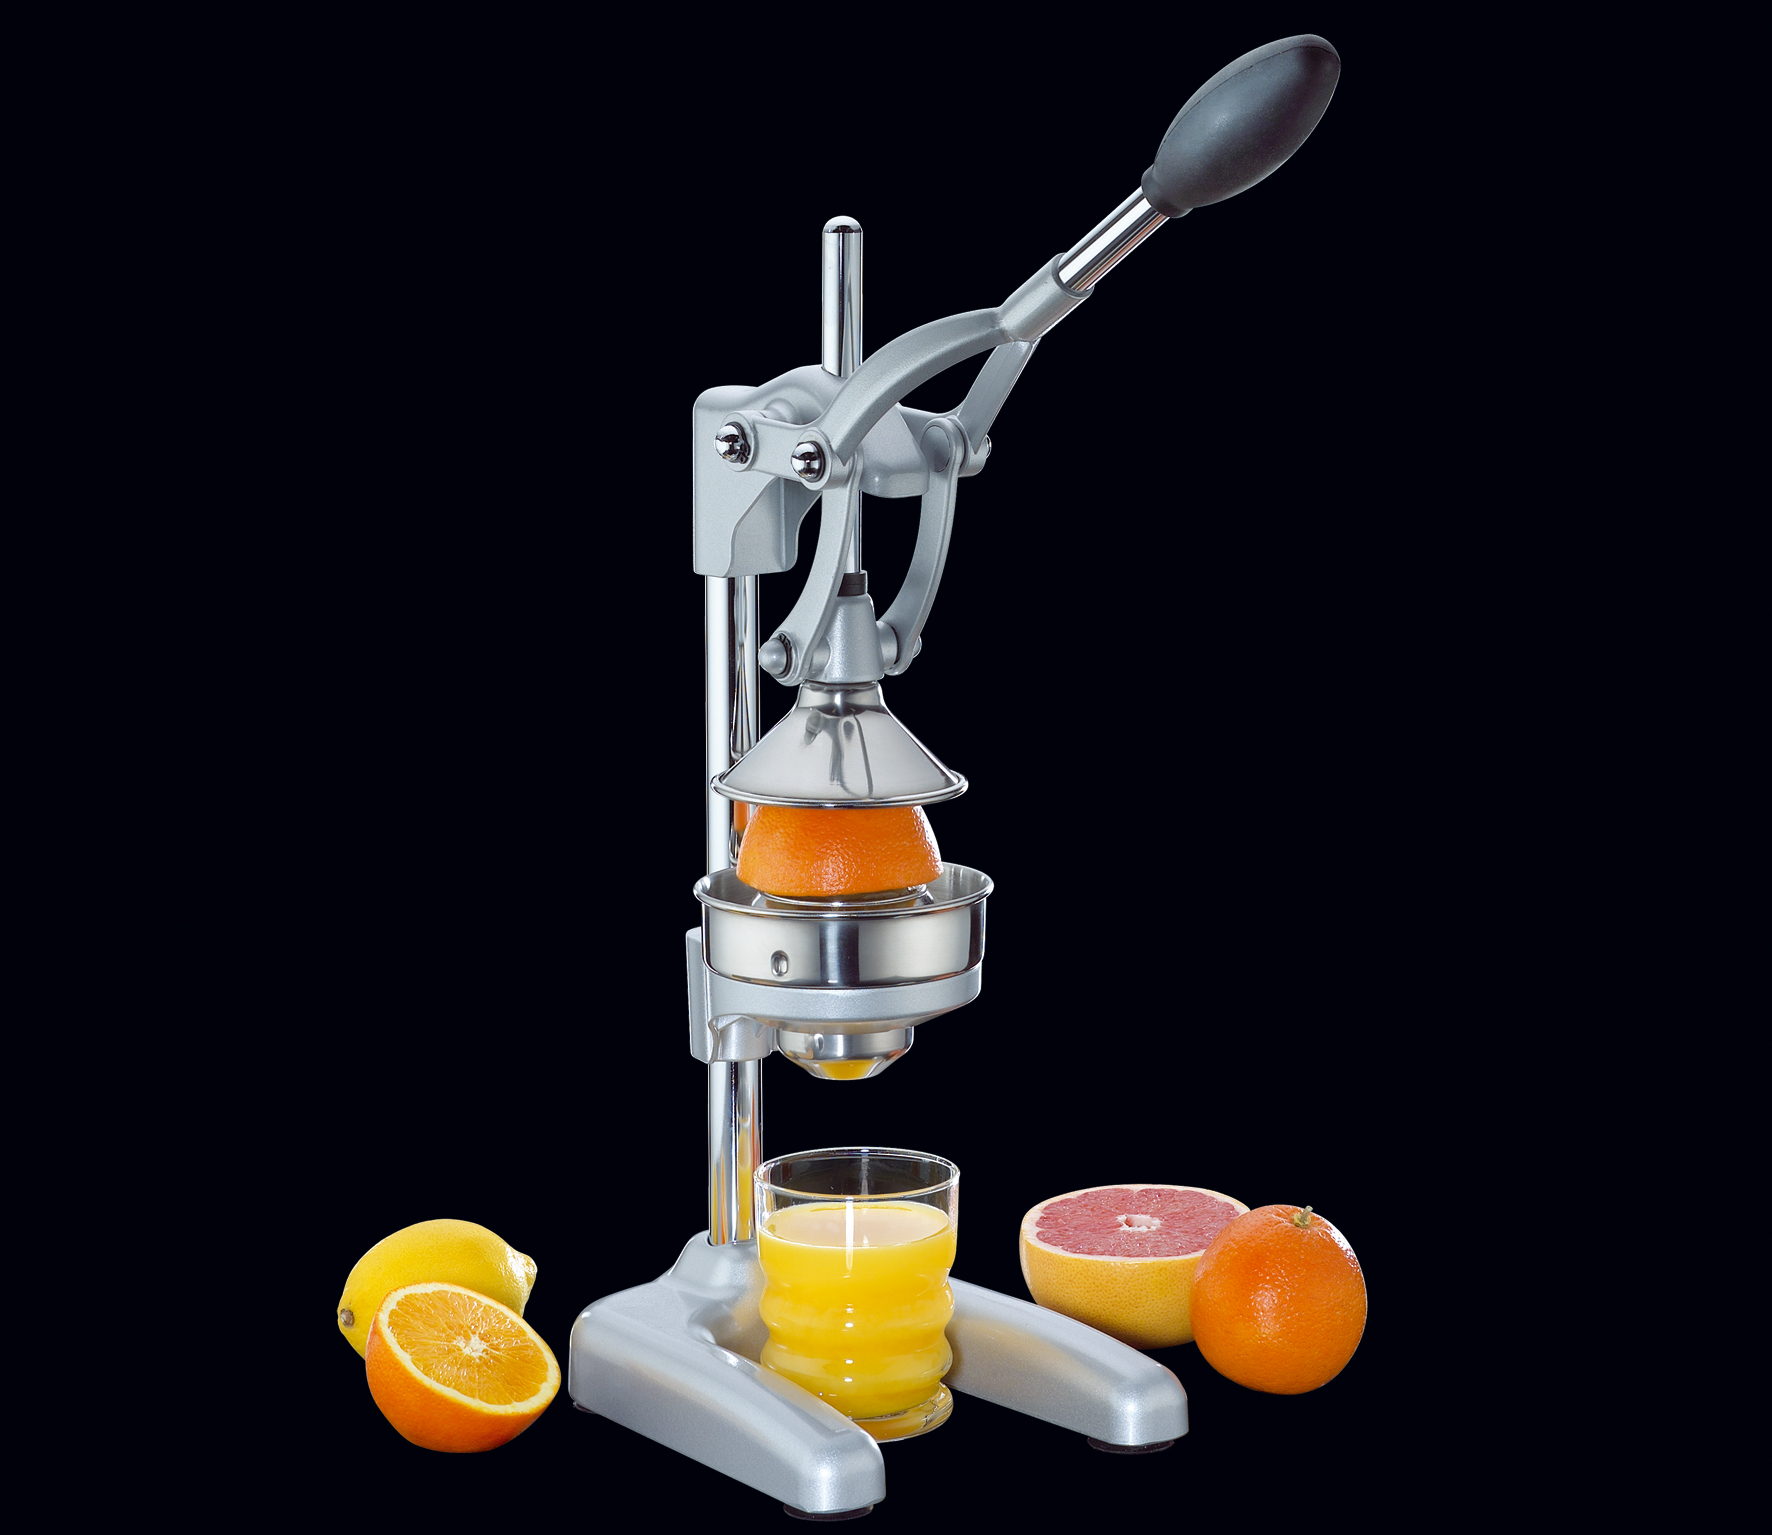 Pákový Lis na pomeranče matný stříbrný - Cilio